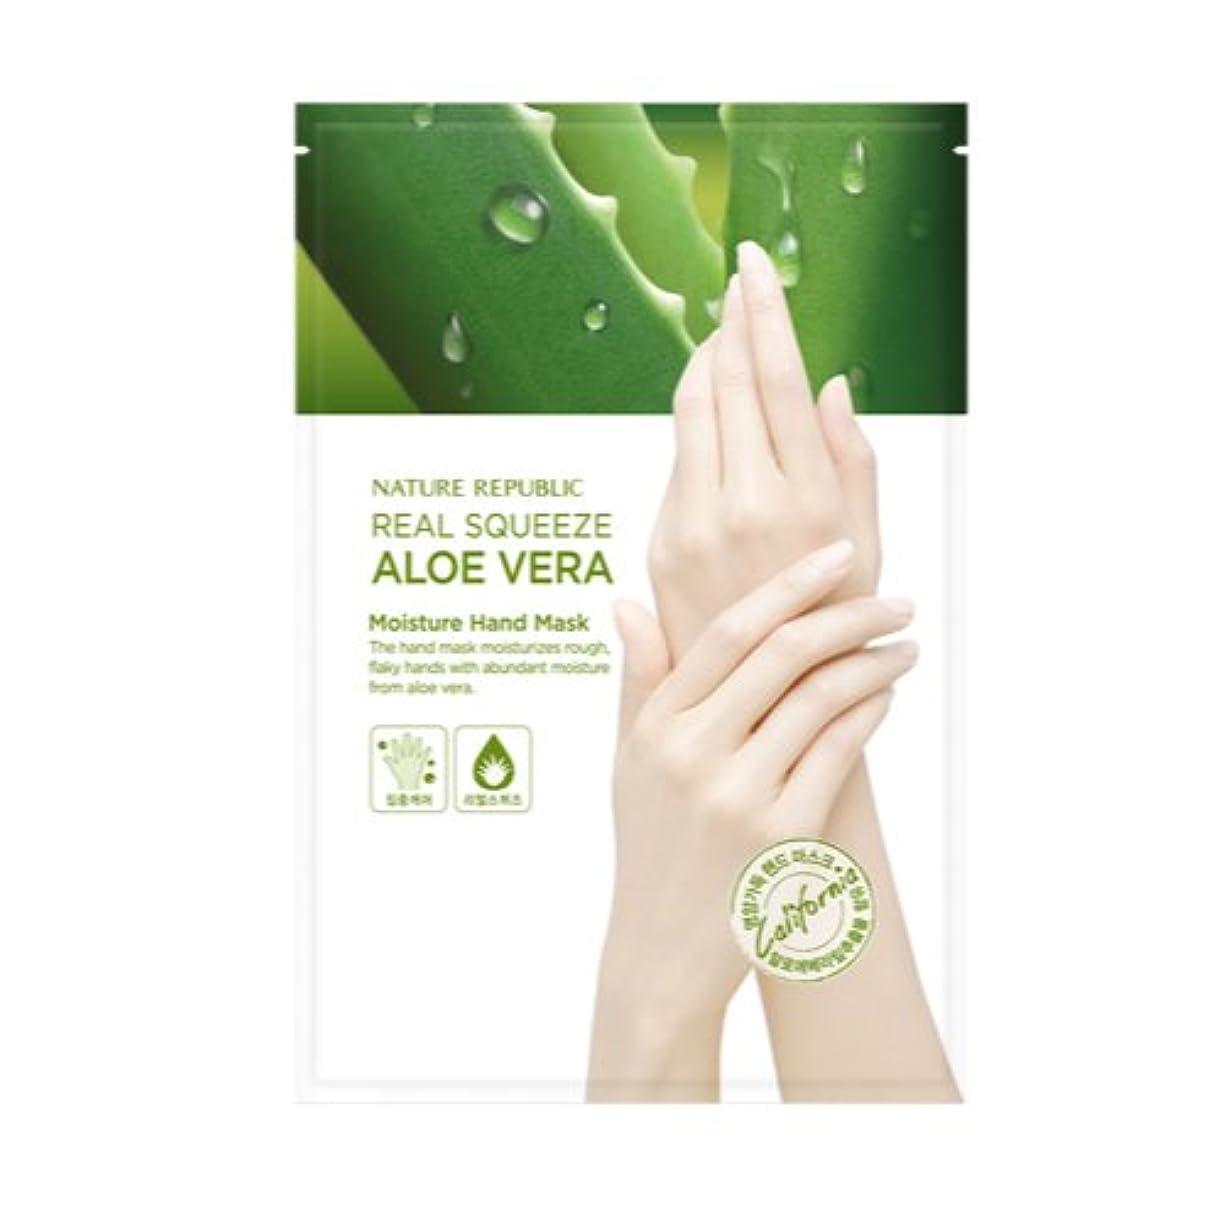 高原手術まとめる[ネイチャーリパブリック] Nature republicリアルスクイズアロエベラモイスチャーハンドマスク(2枚入1回分)海外直送品(Real Squeeze Aloe Vera Moisture Hand Mask)...